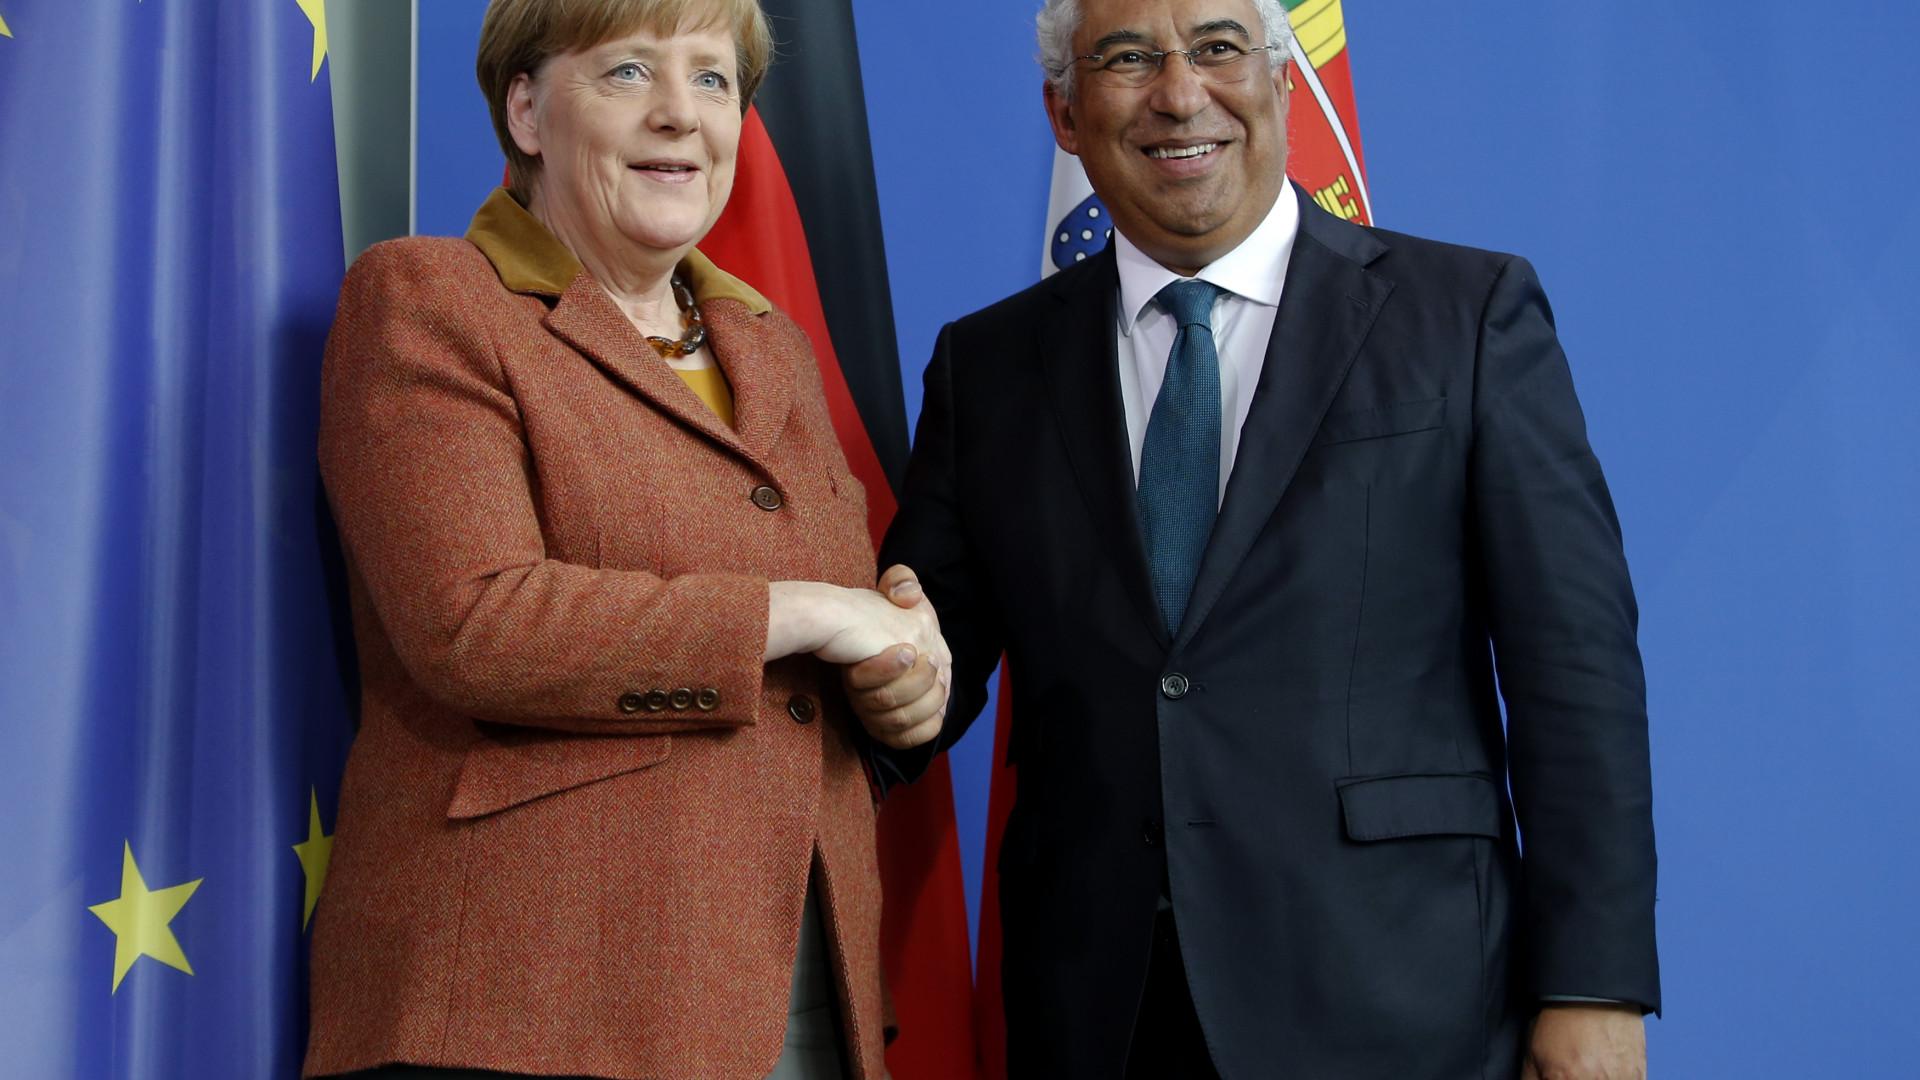 Costa convidou e Merkel aceitou. Chanceler alemã vem a Portugal este mês